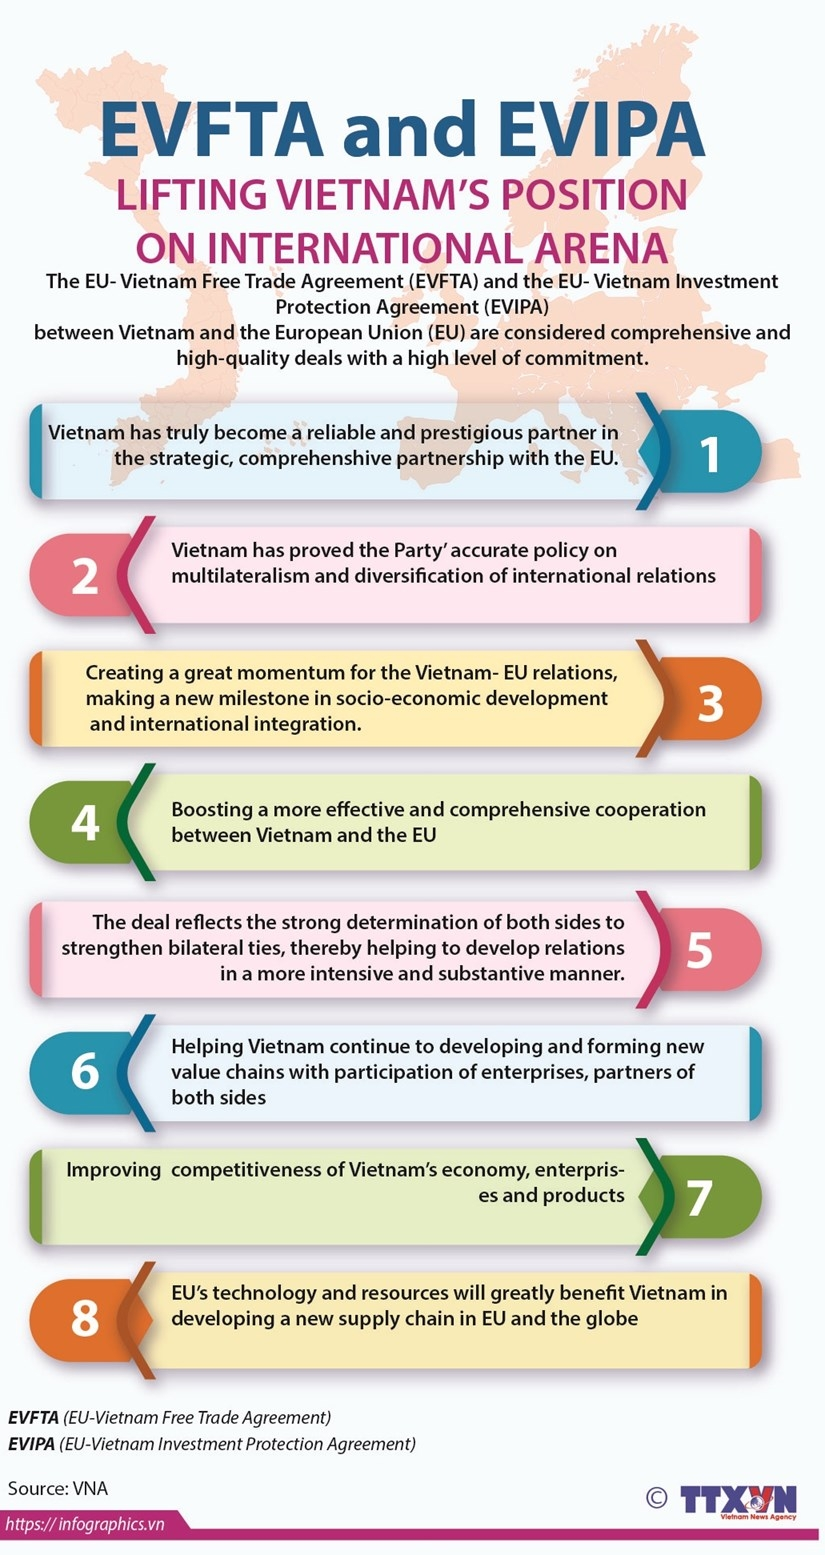 evfta and evipa lifting vietnams position on international arena infographics